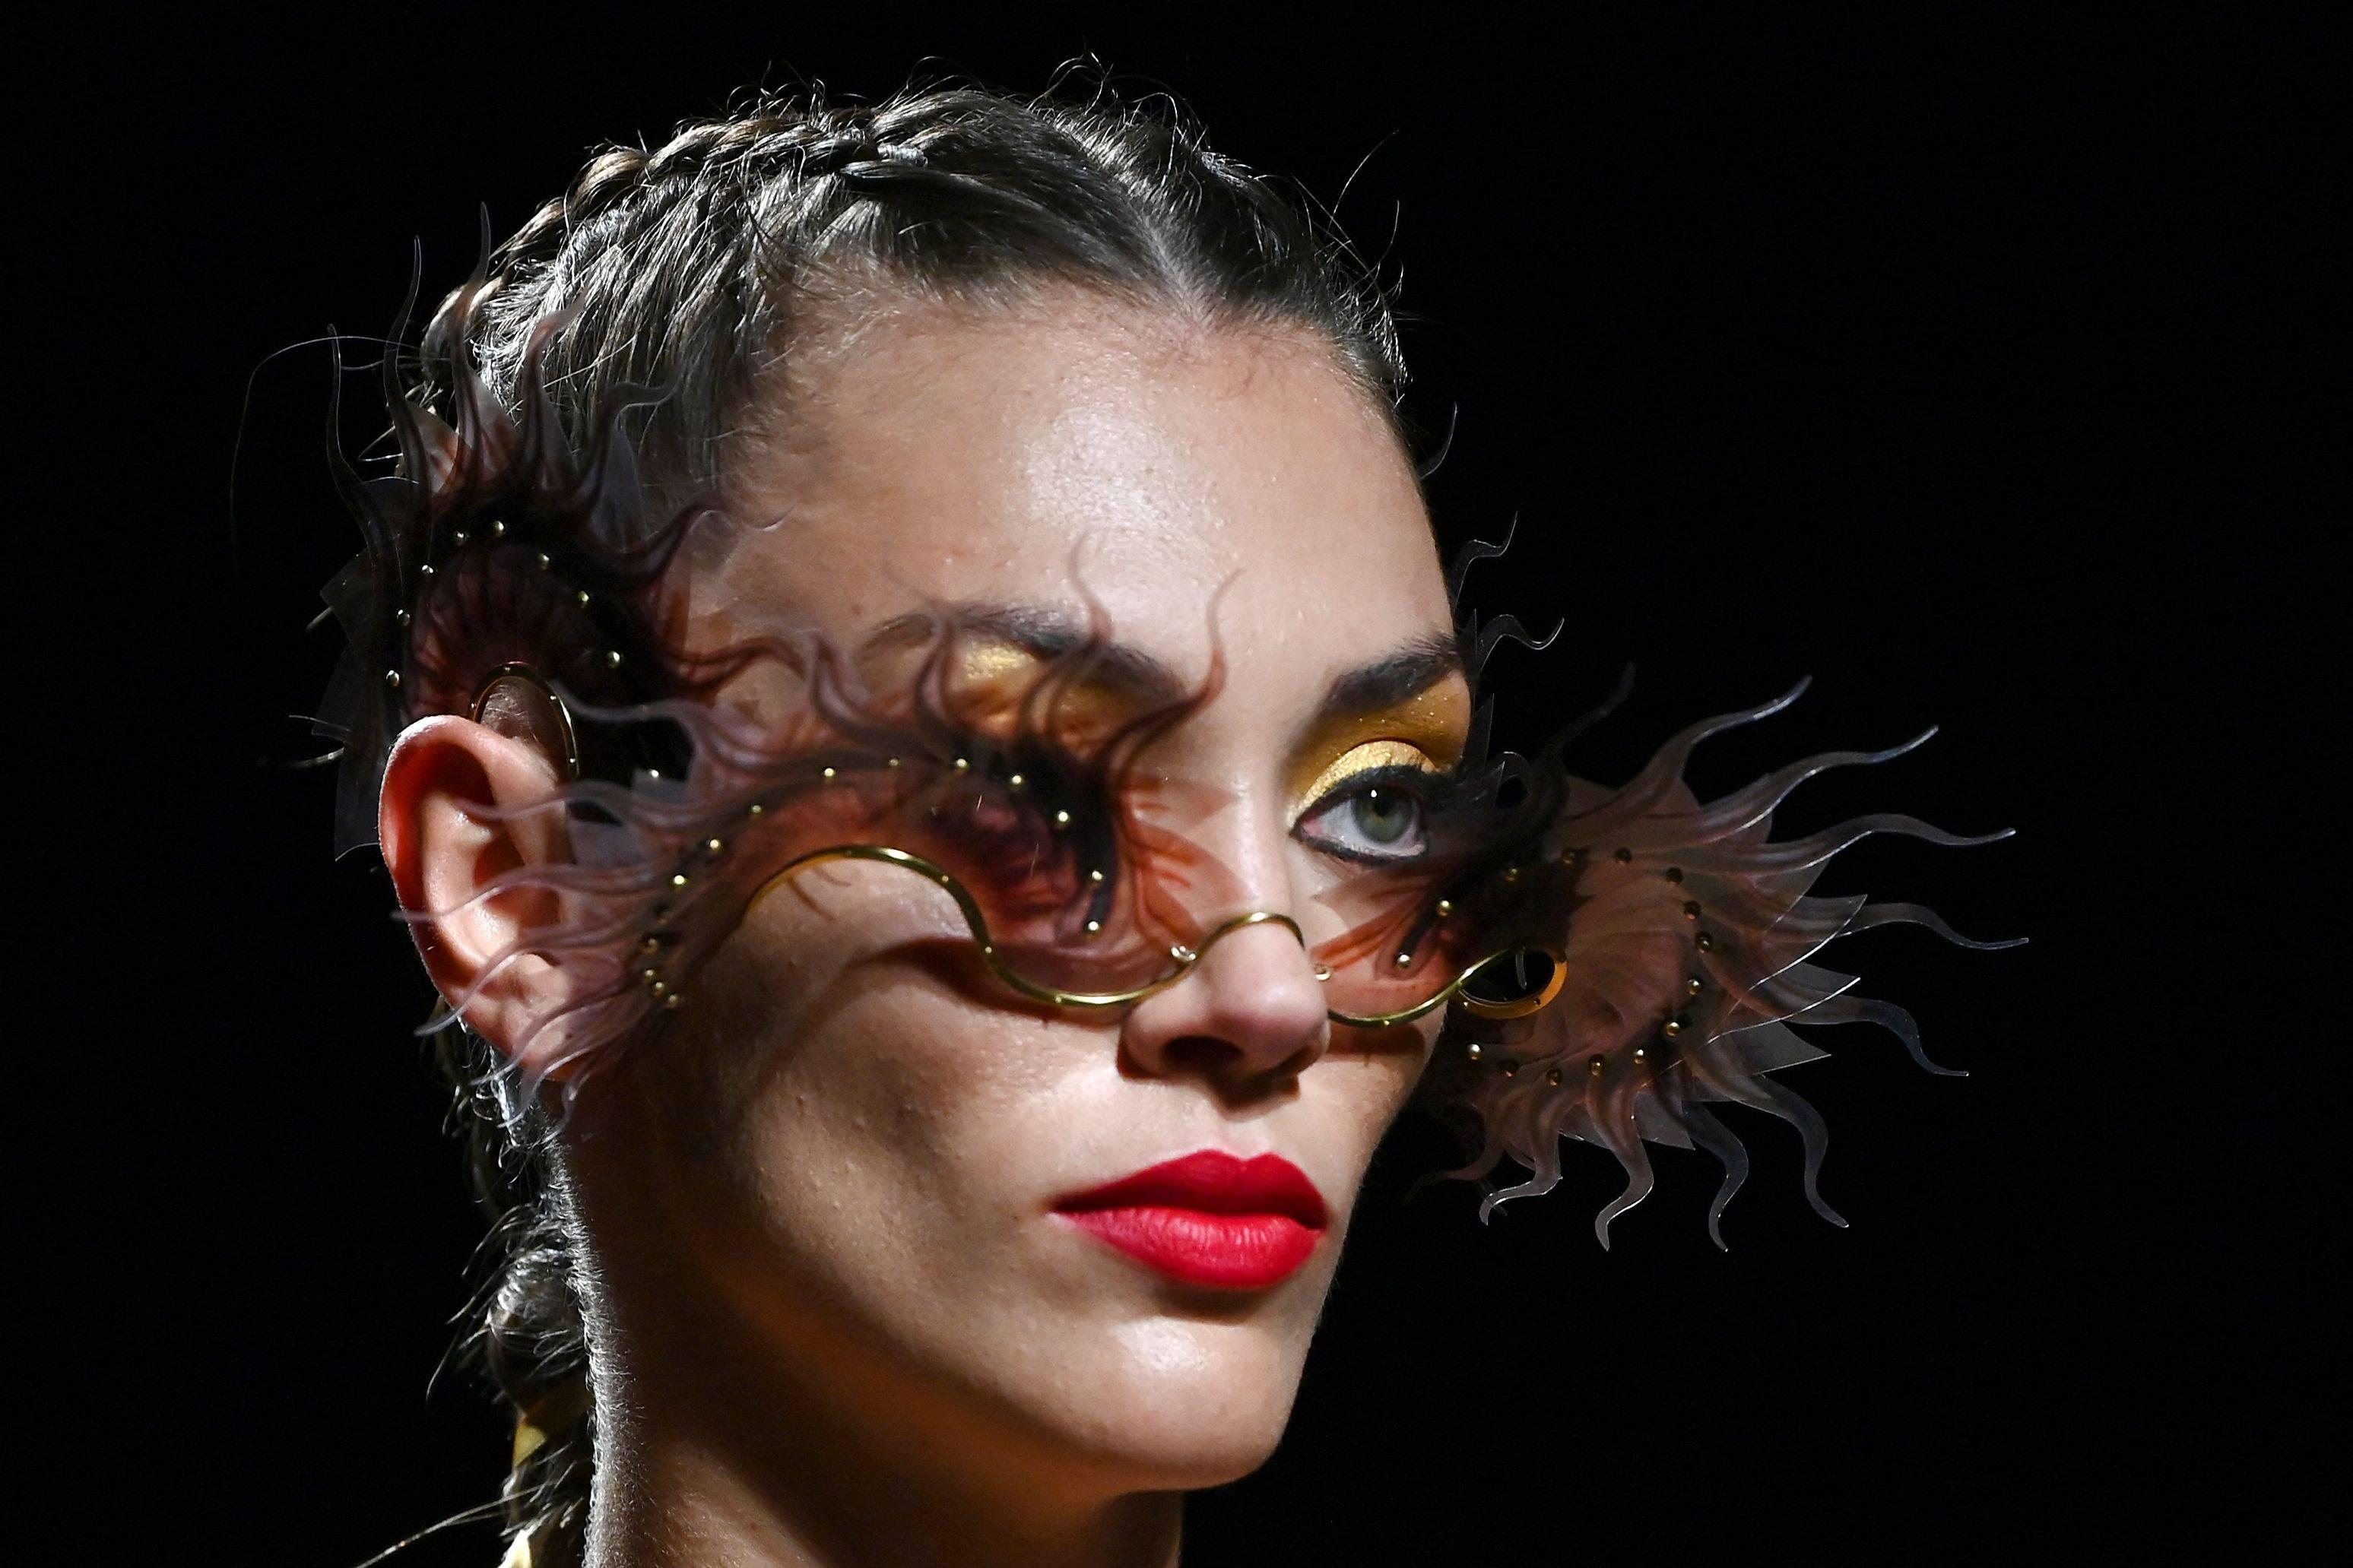 马德里时装周——玛雅·汉森品牌时装秀